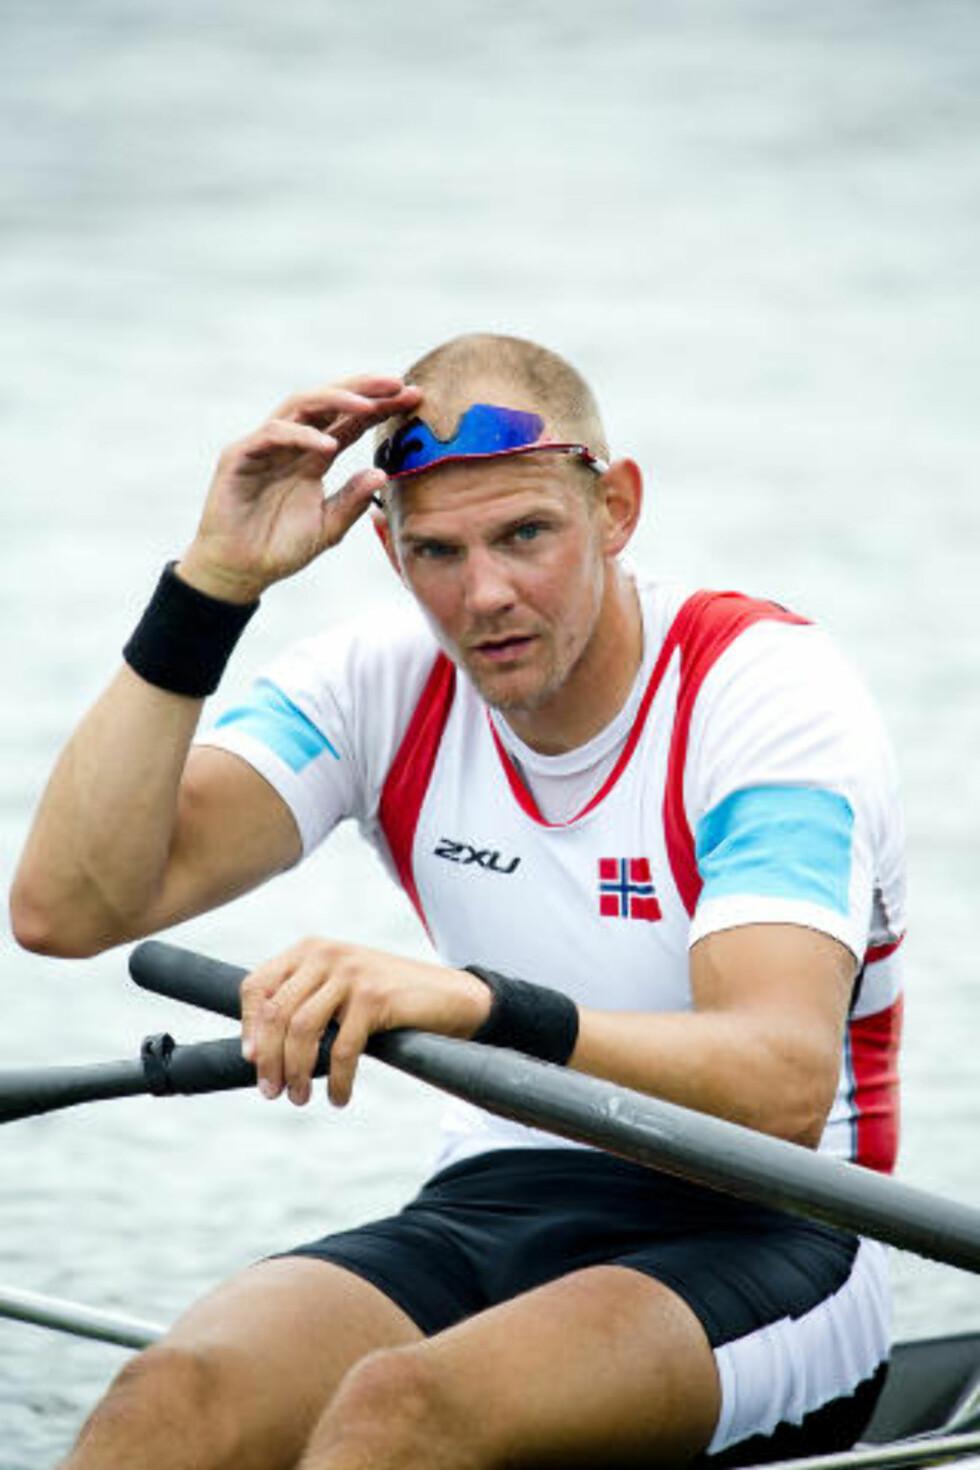 MEDFØLELSE: Olaf Tufte synes synd på Nils Jakob Skulstad Hoff og Kjetil Borch.Foto: Bjørn Langsem / Dagbladet.